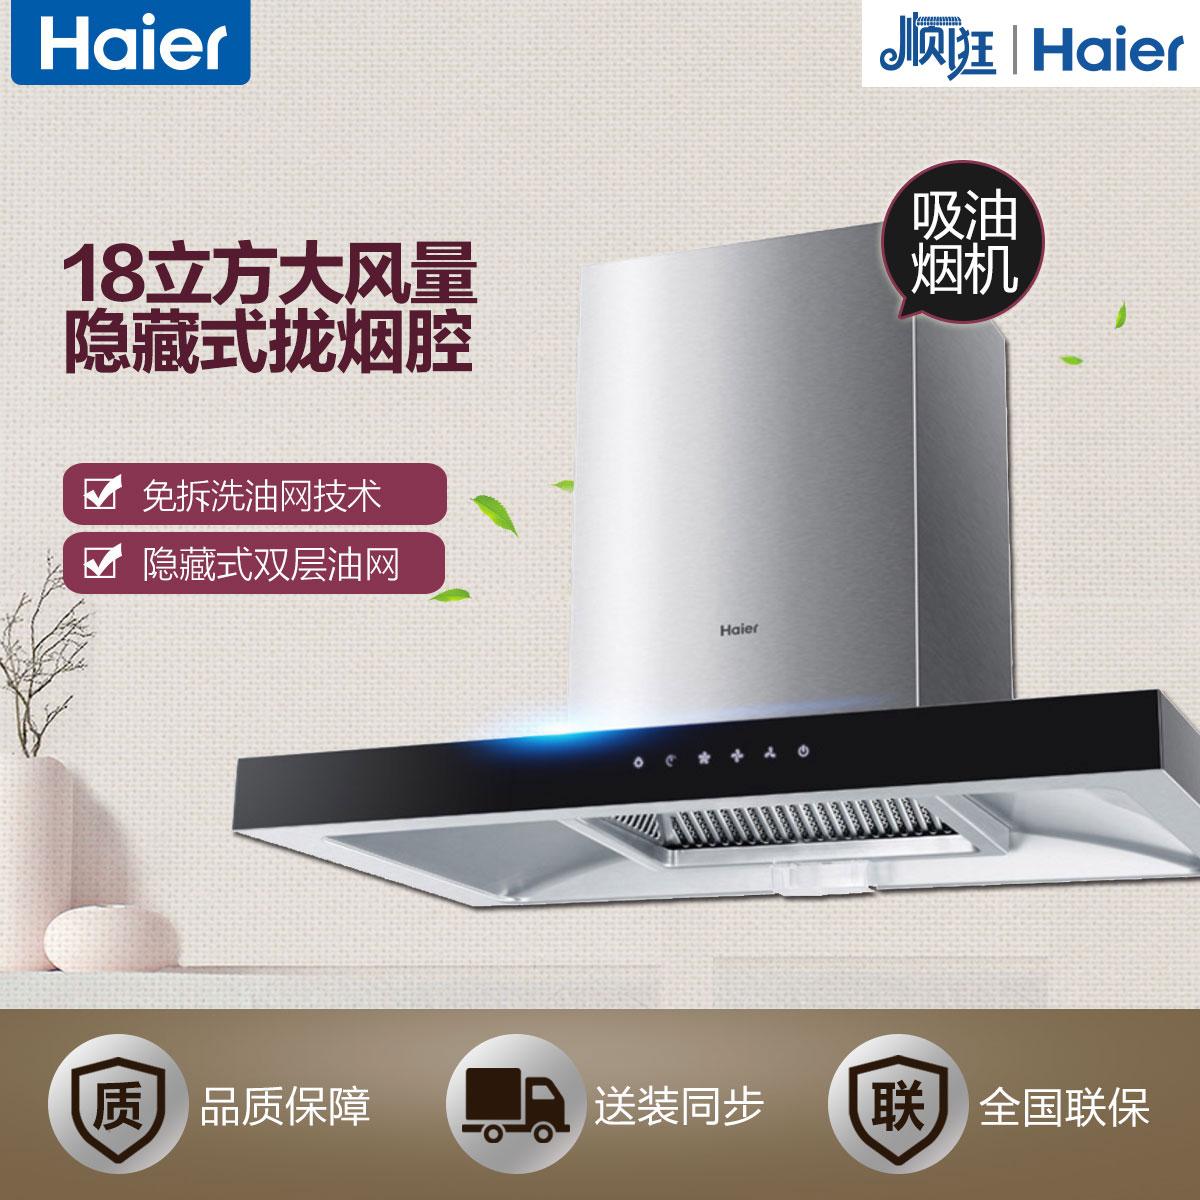 Haier/海尔             吸油烟机             CXW-200-T750